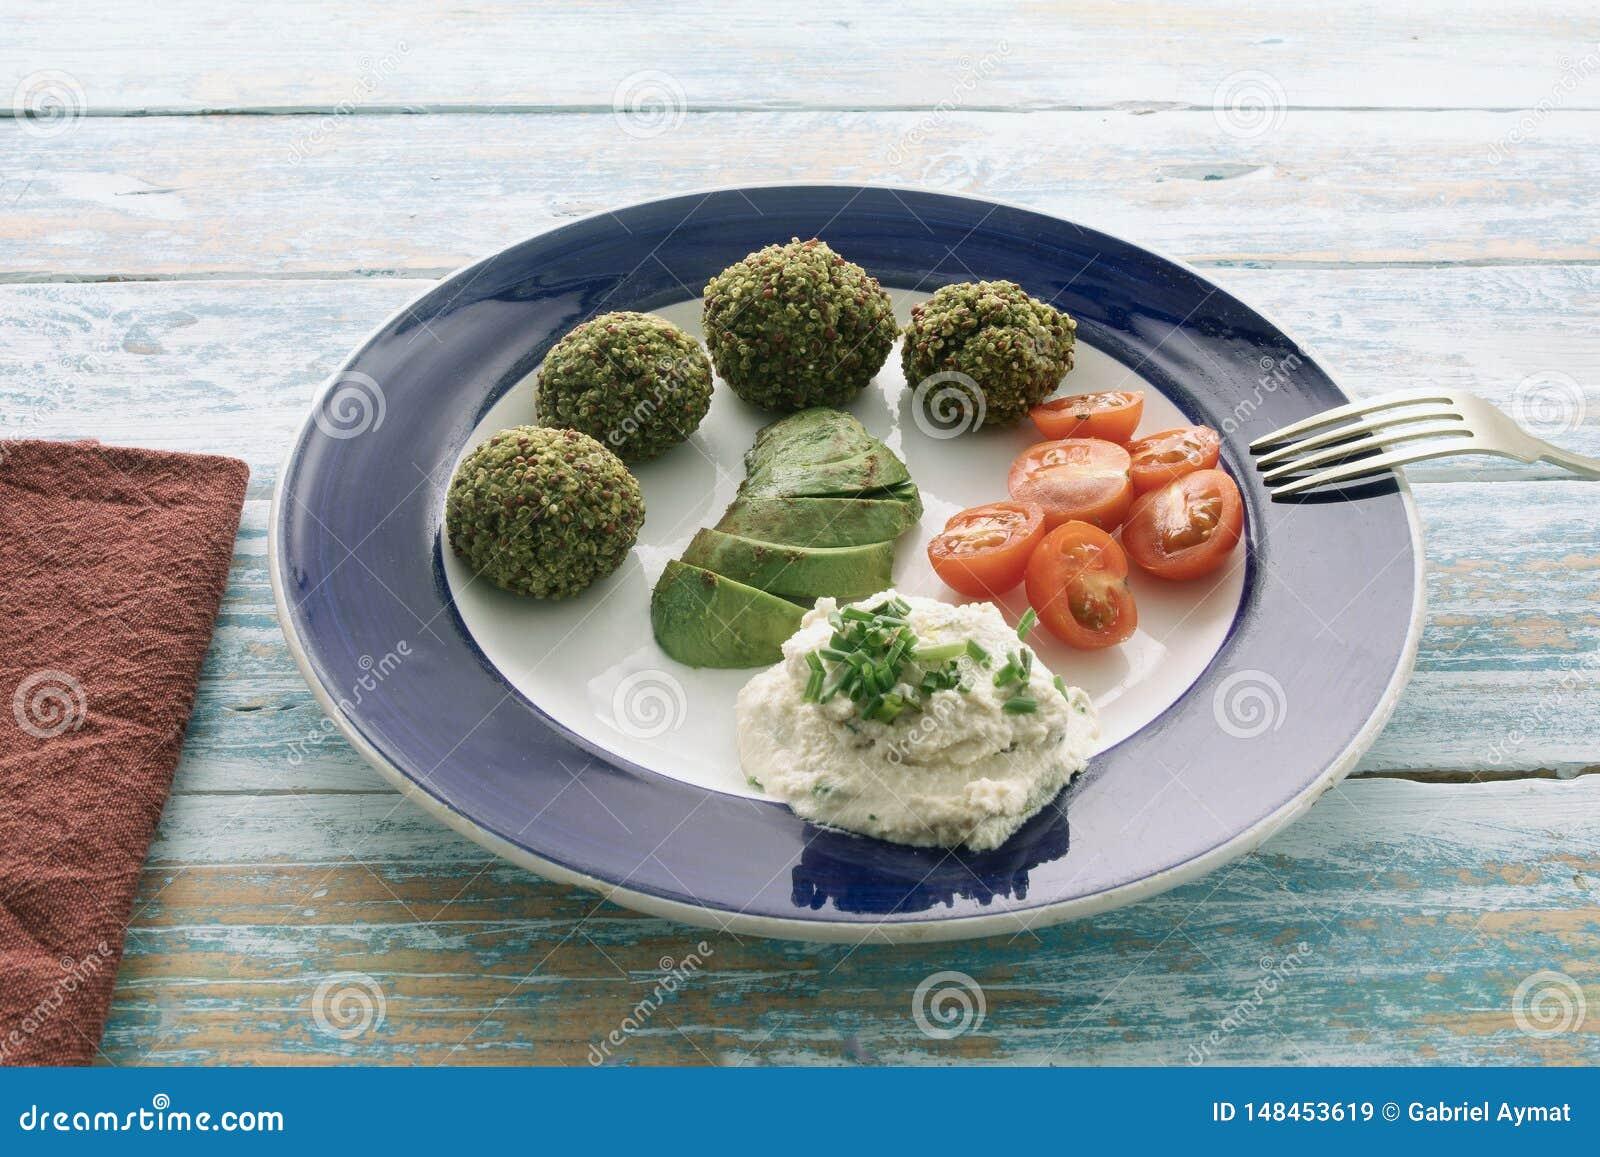 Bratlinge von Erbsen, von Spinat, von Basilikum, von Quinoa, von Hafern und von Ei auf einem Weinlesepurpleheart begleitet von de